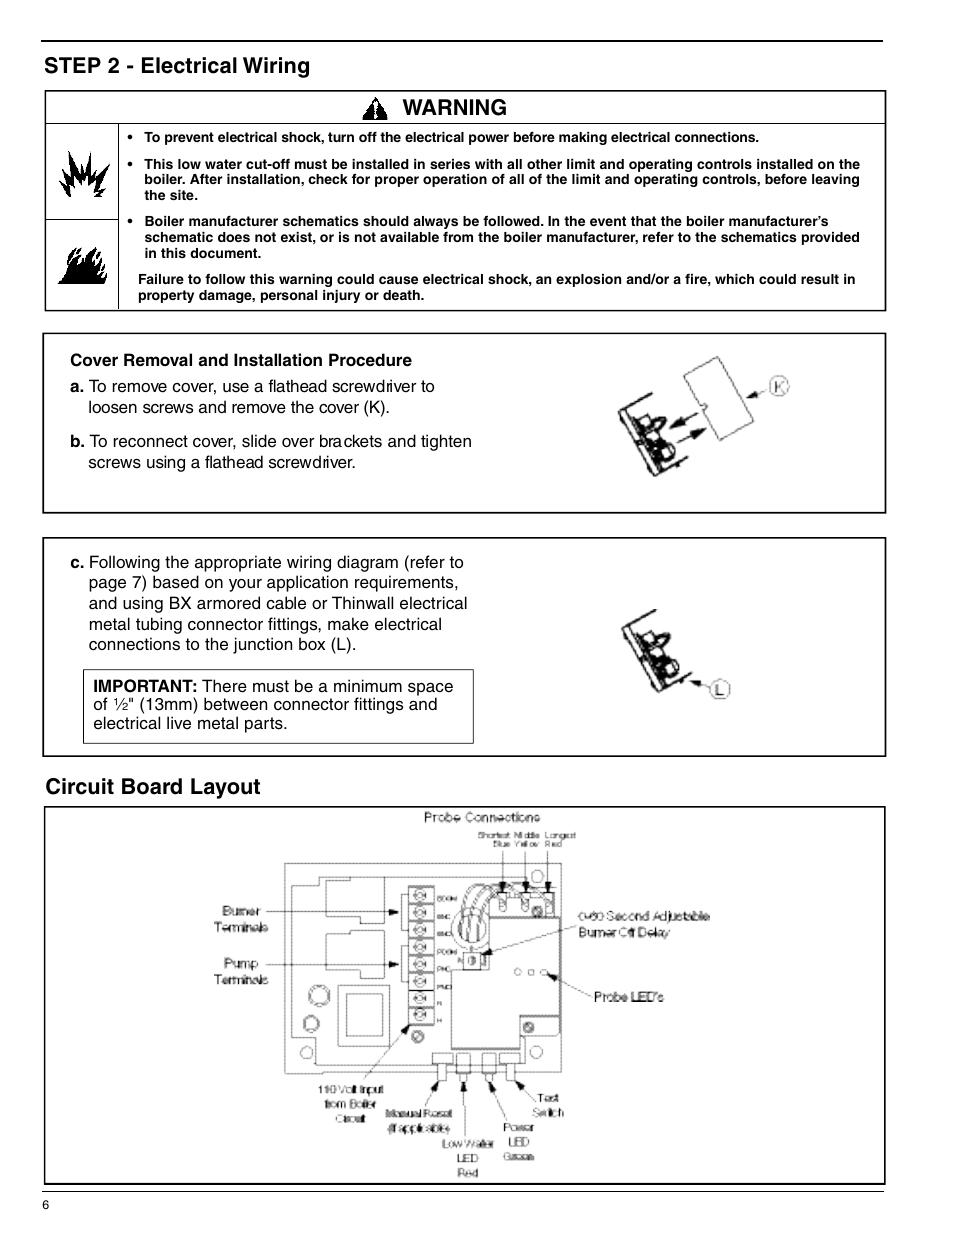 medium resolution of mcdonnell miller 150 wiring diagram wiring diagram inside mcdonnell miller 7b wiring diagram mcdonnell miller wiring diagrams